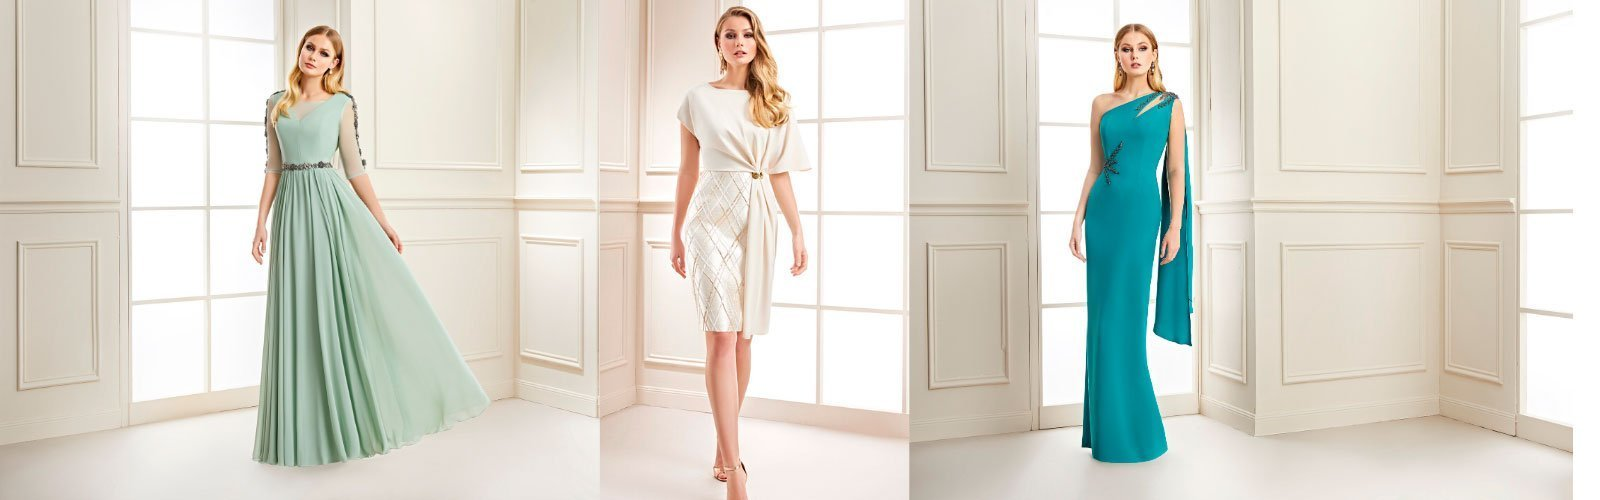 elegantes y preciosos vestidos de fiesta ideal para madre de novia